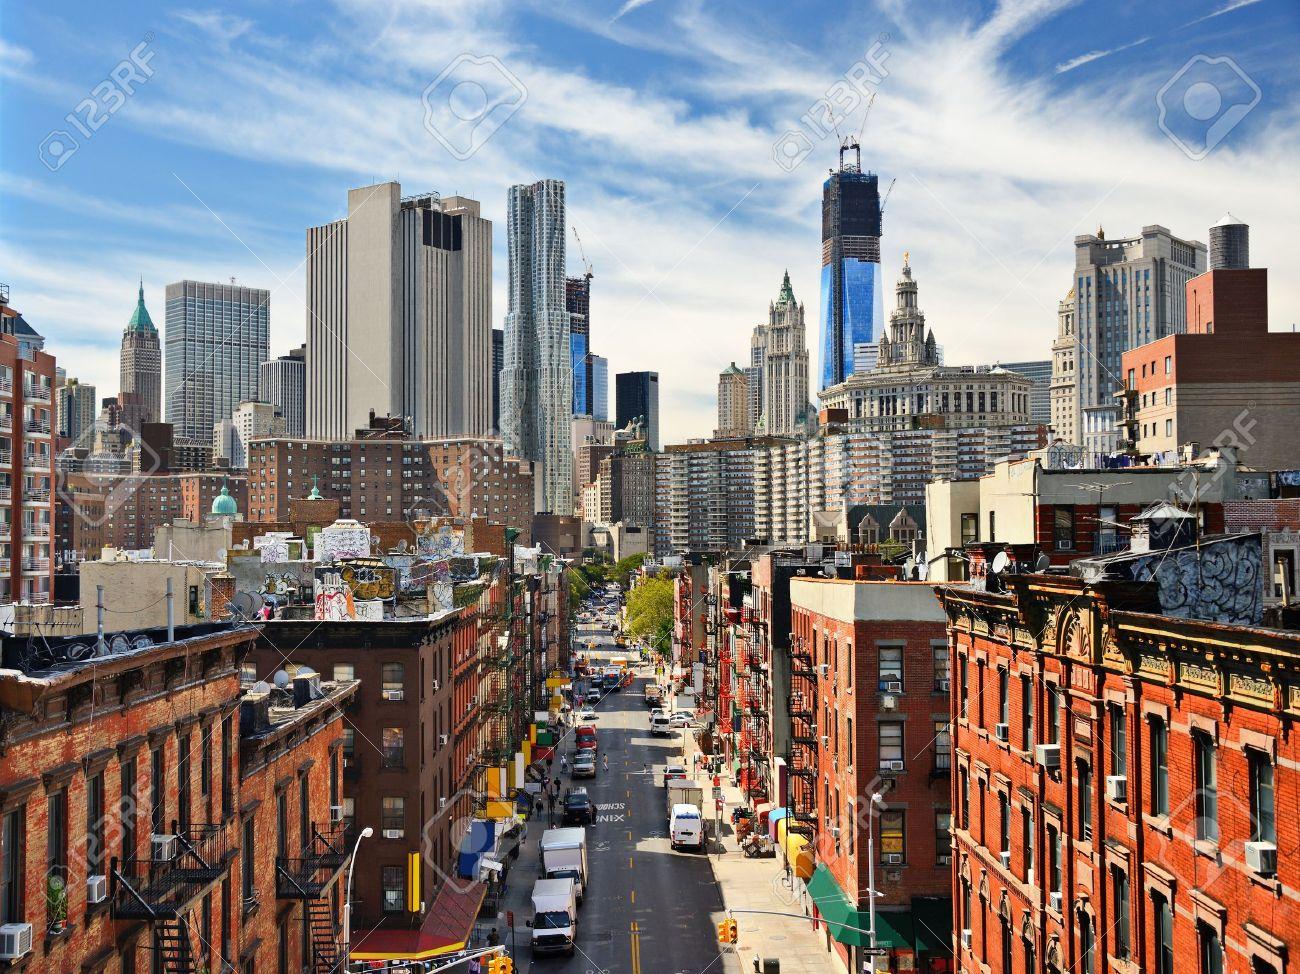 ニューヨークのロウアー ・ マンハッタンの街並み。 の写真素材・画像 ...